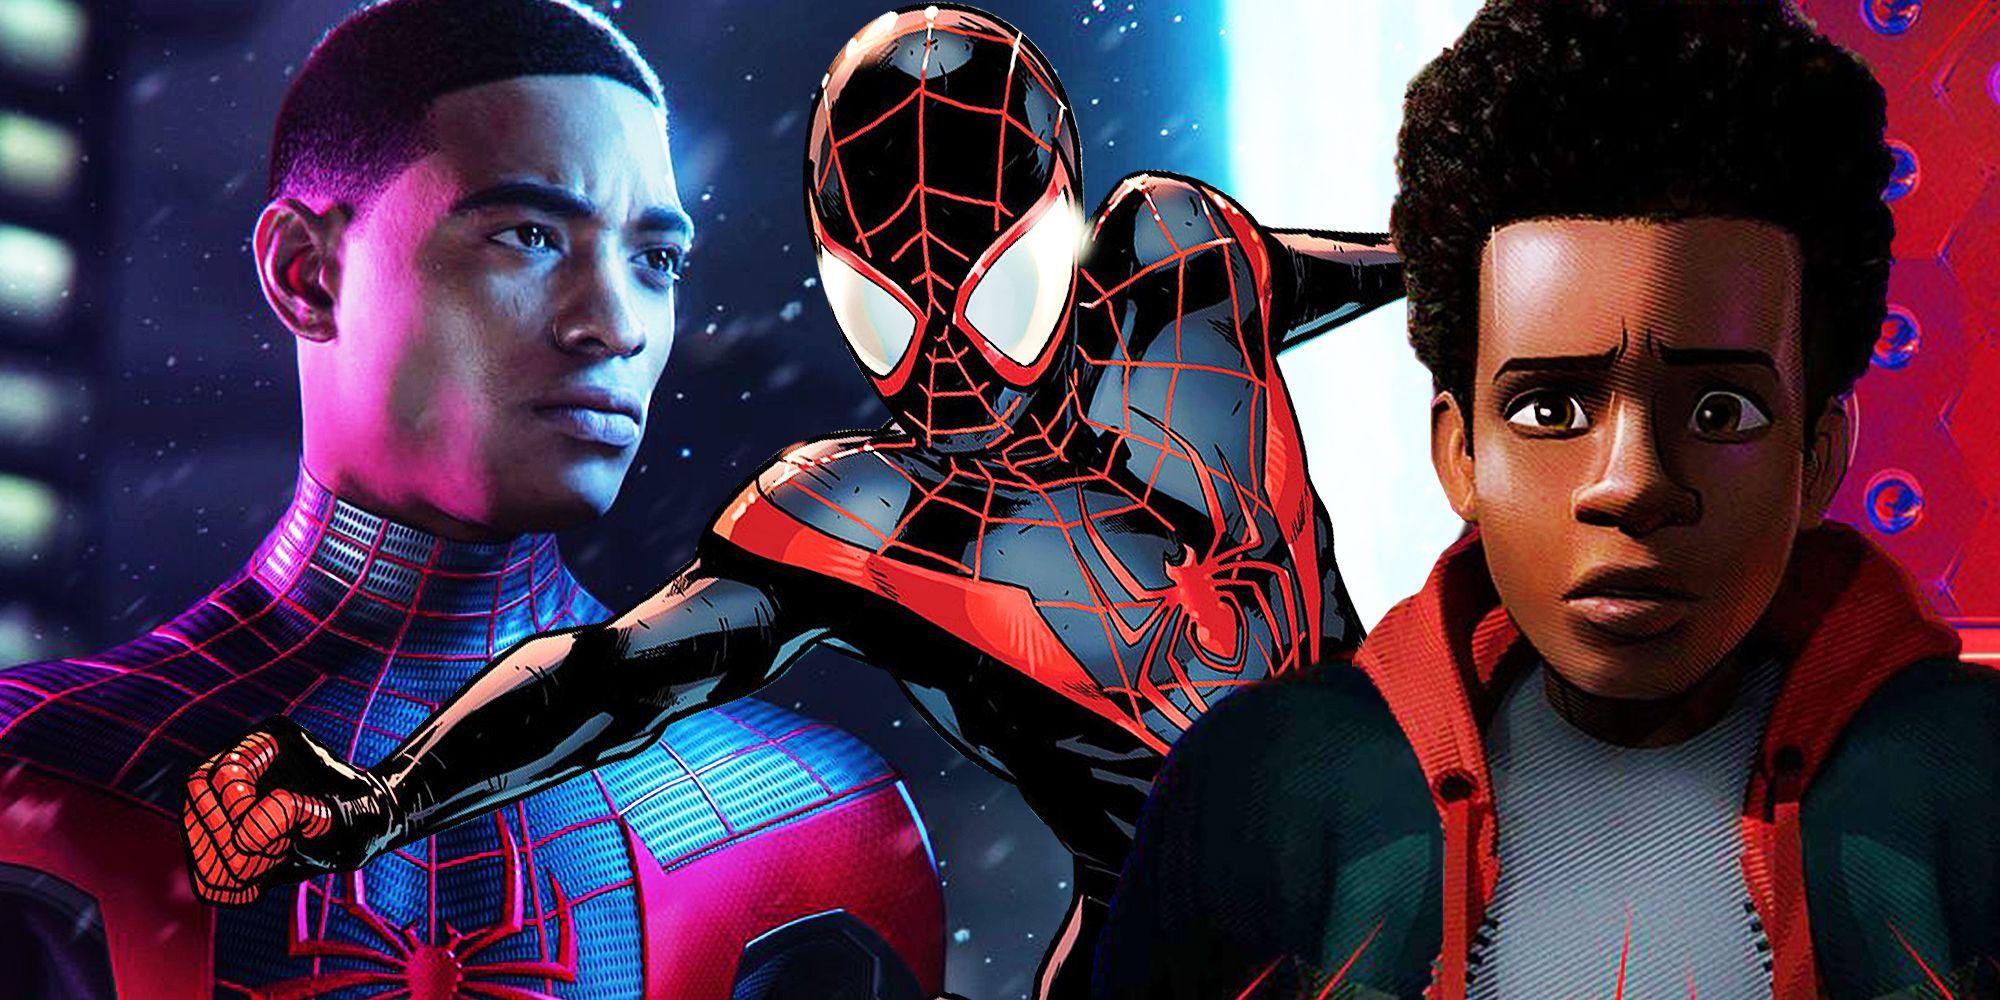 Elenco de Jovens Vingadores MCU da Marvel (como nós o conhecemos) 6